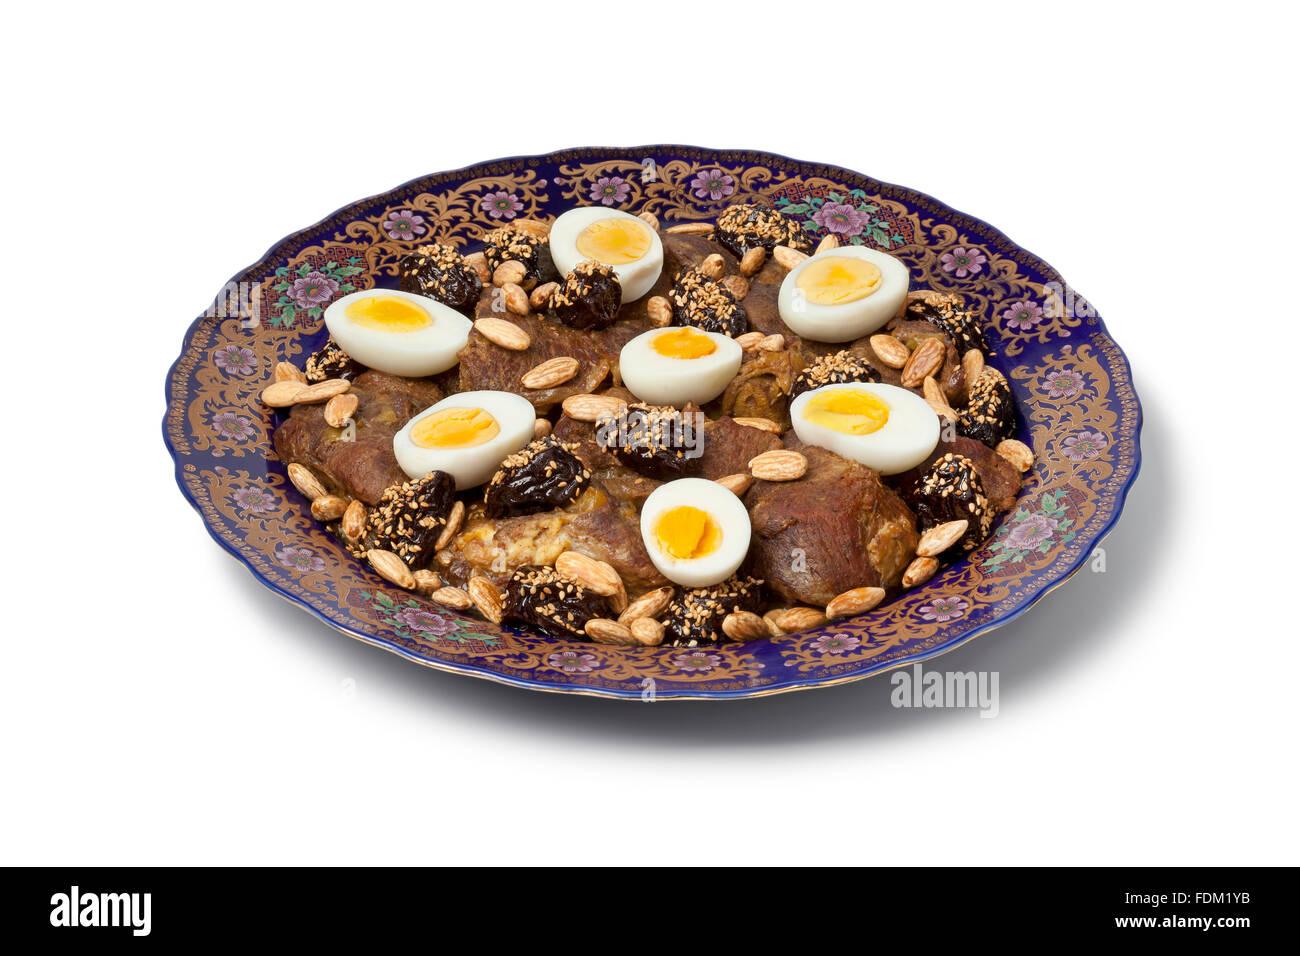 Festividad marroquí plato con carne, ciruelas, almendras y huevos sobre fondo blanco. Imagen De Stock